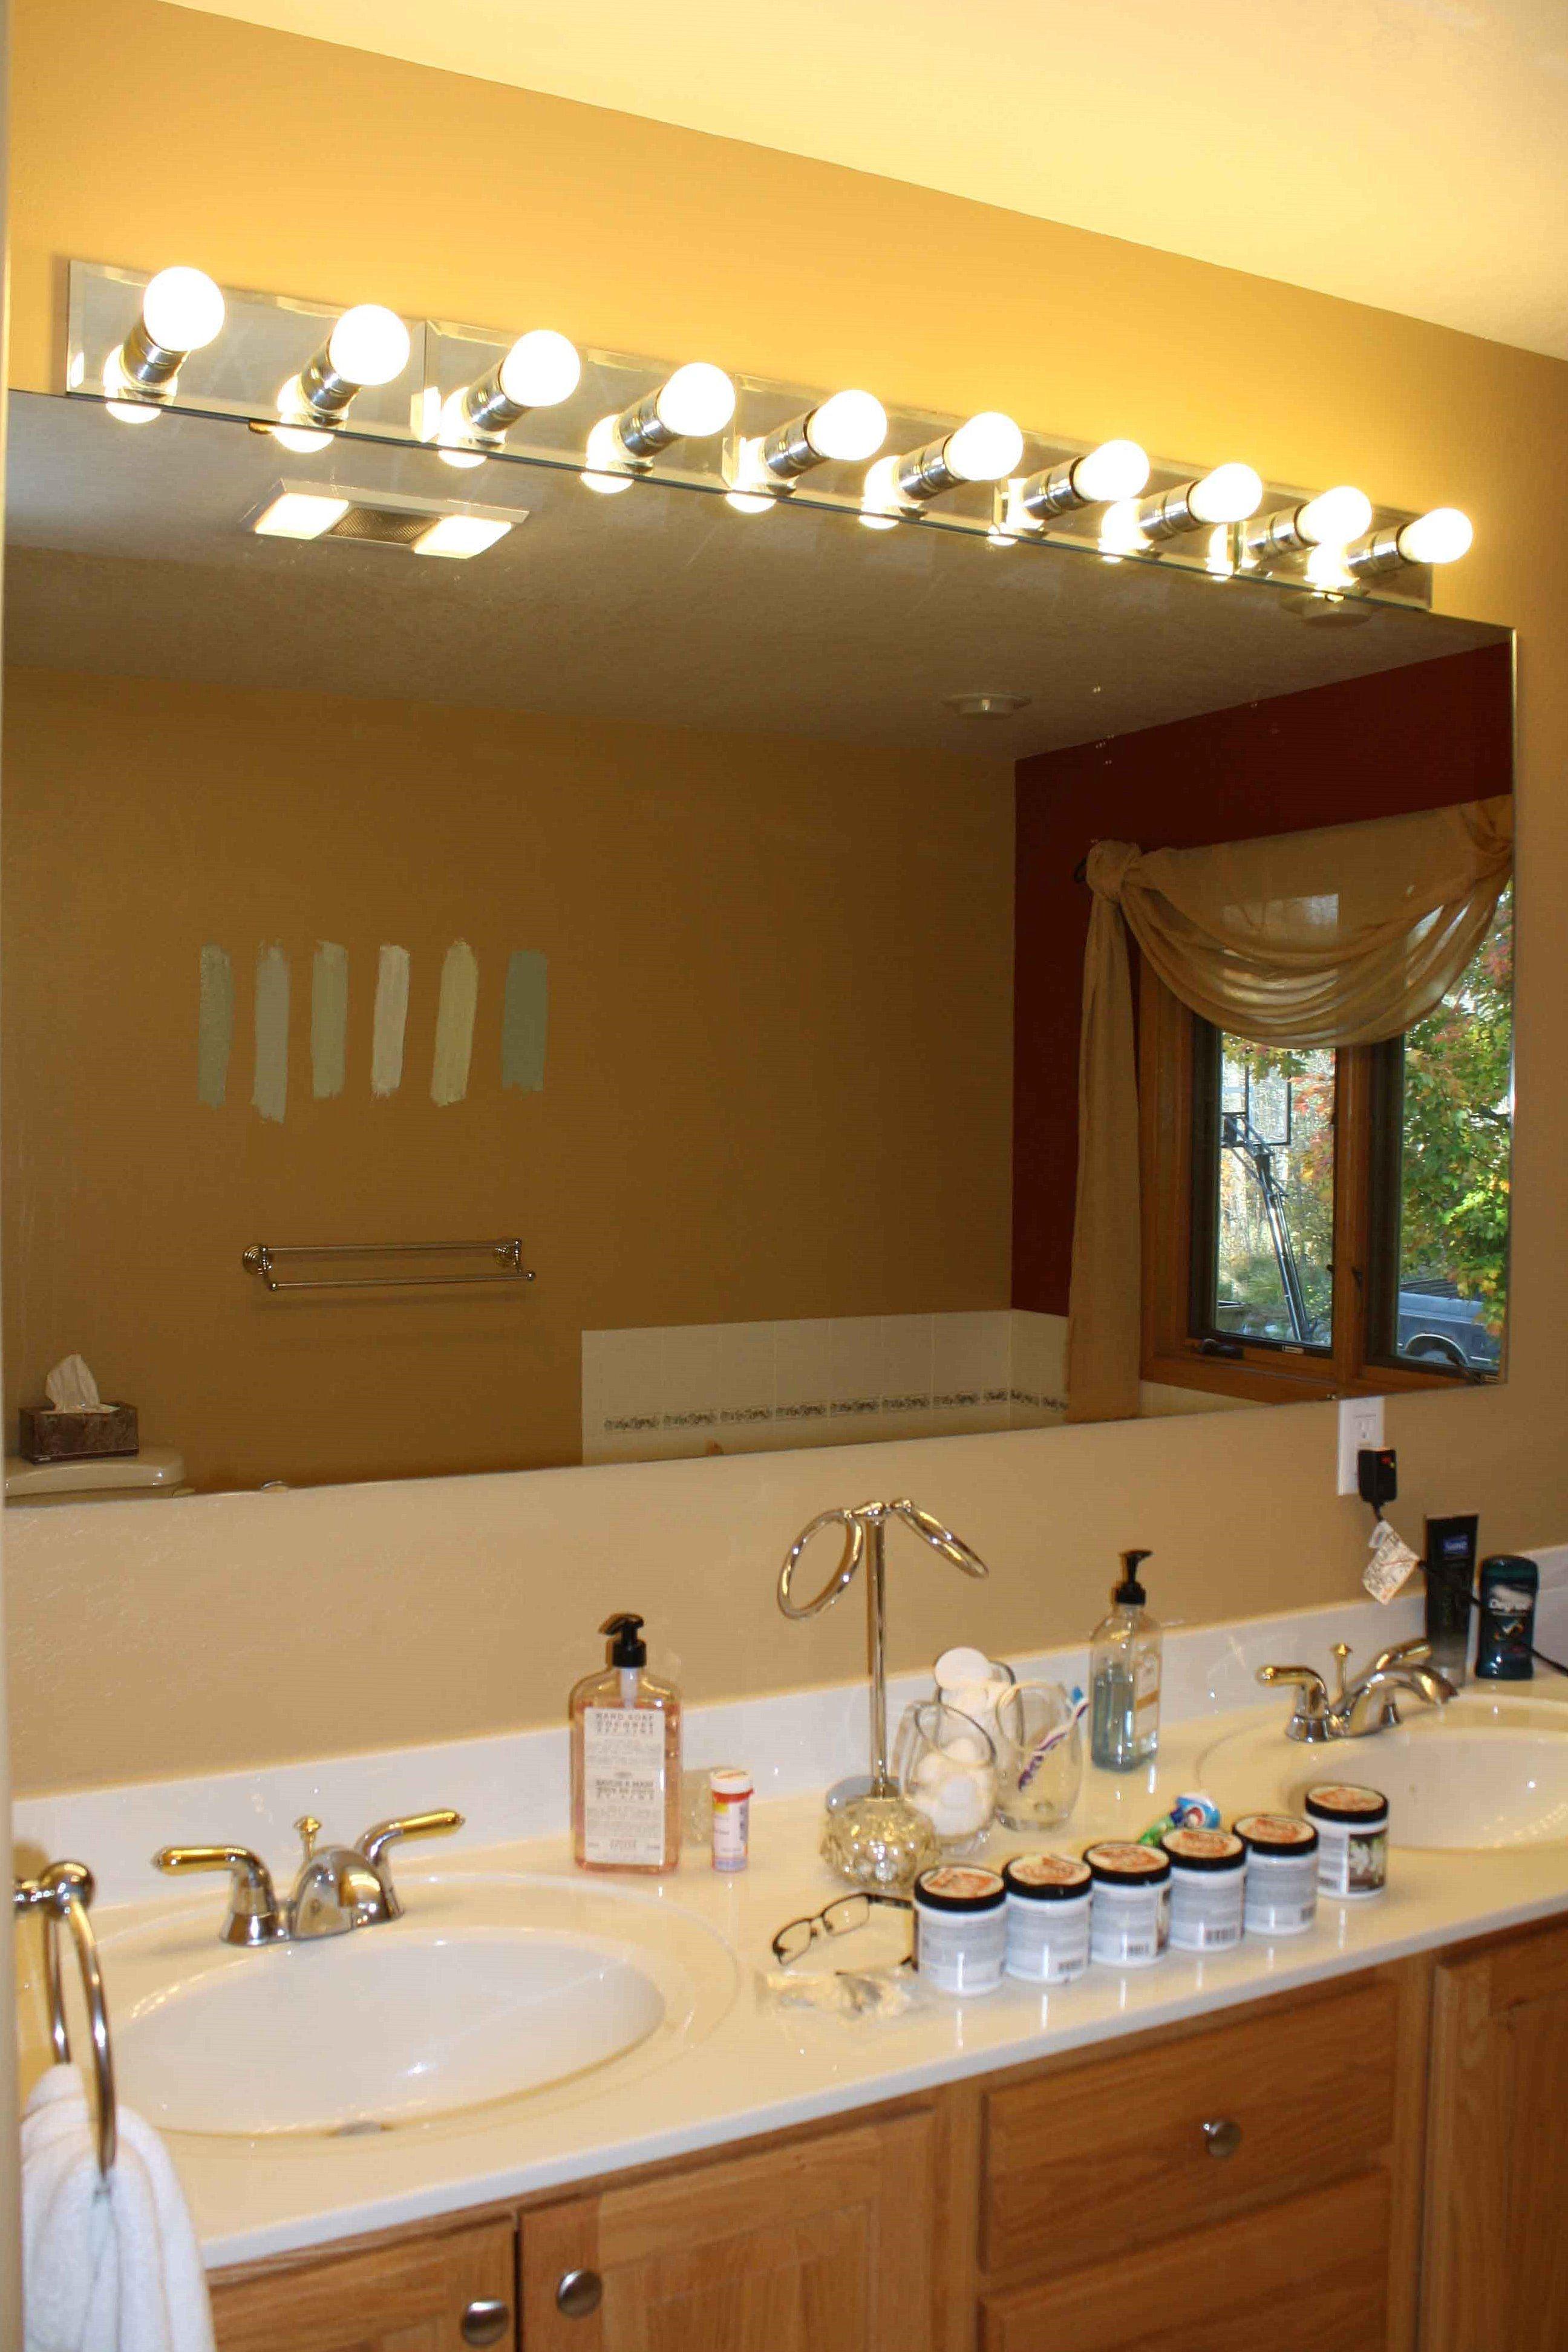 bathroom track lighting ideas. Track Lighting Over Bathroom Mirror Ideas